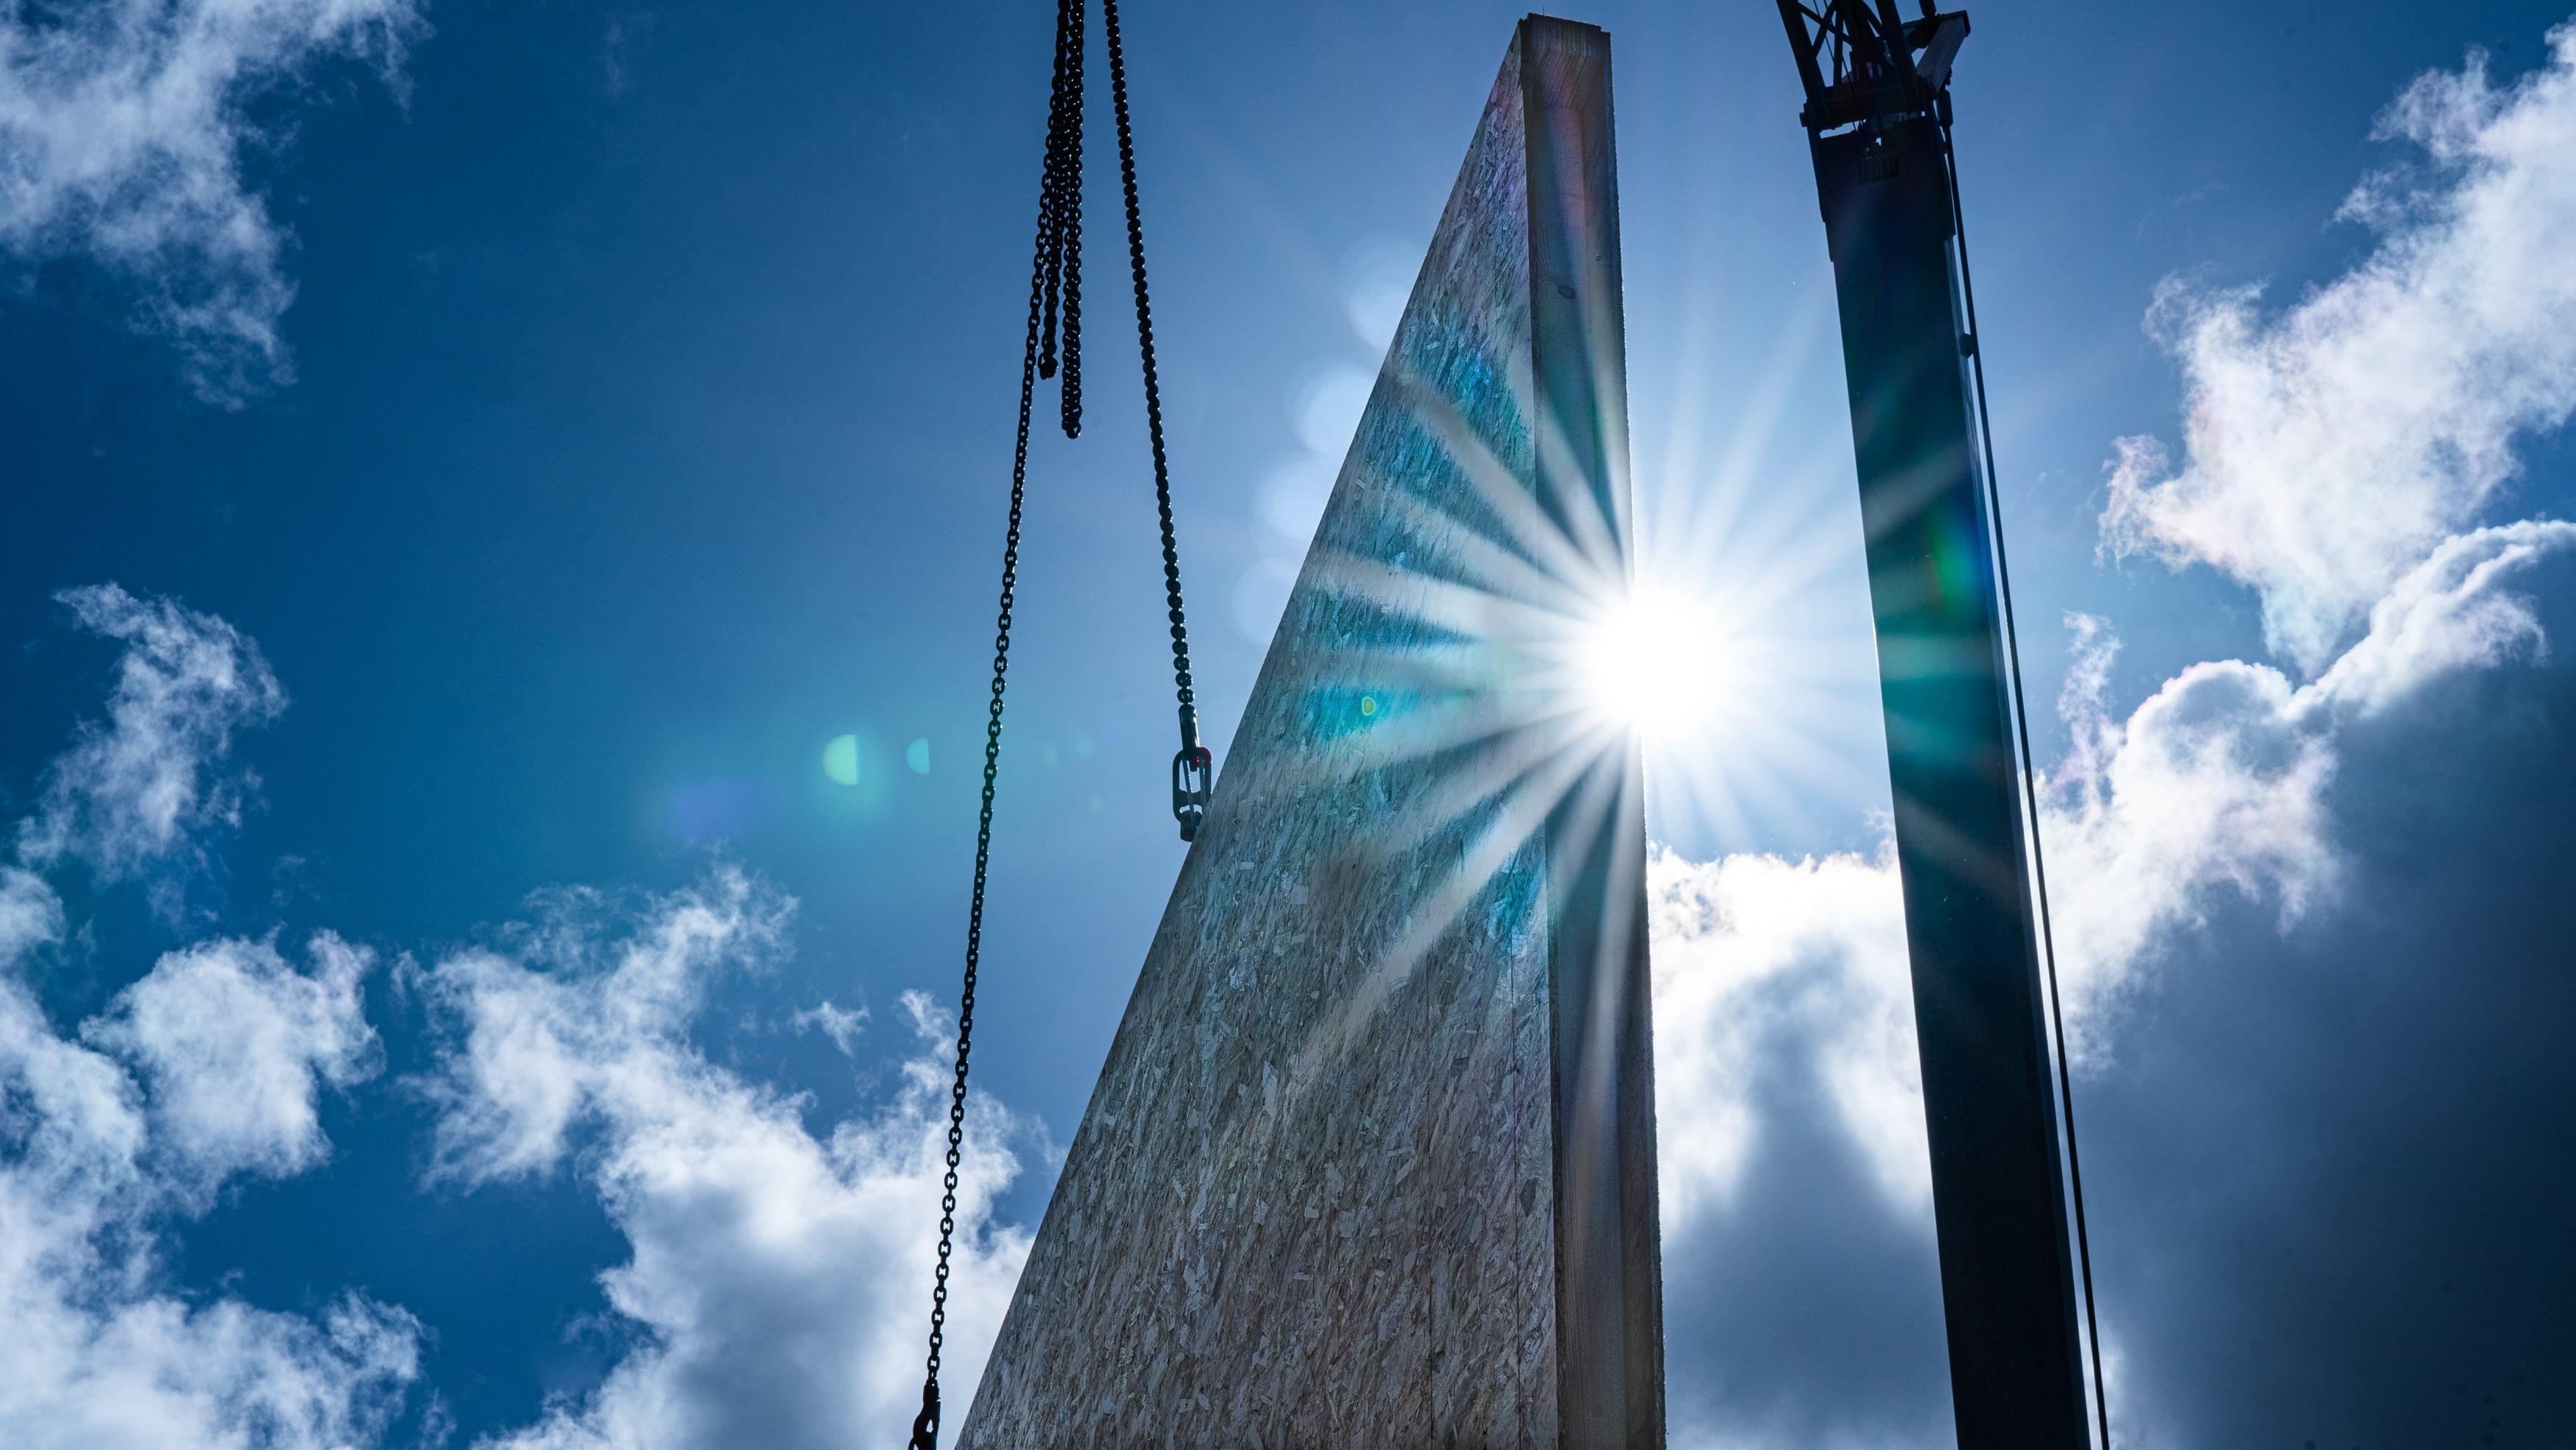 Entwicklung einer Richtlinie für Konstruktionen in Holzbauweise in den GK 4 und 5 gemäß der LBO BW